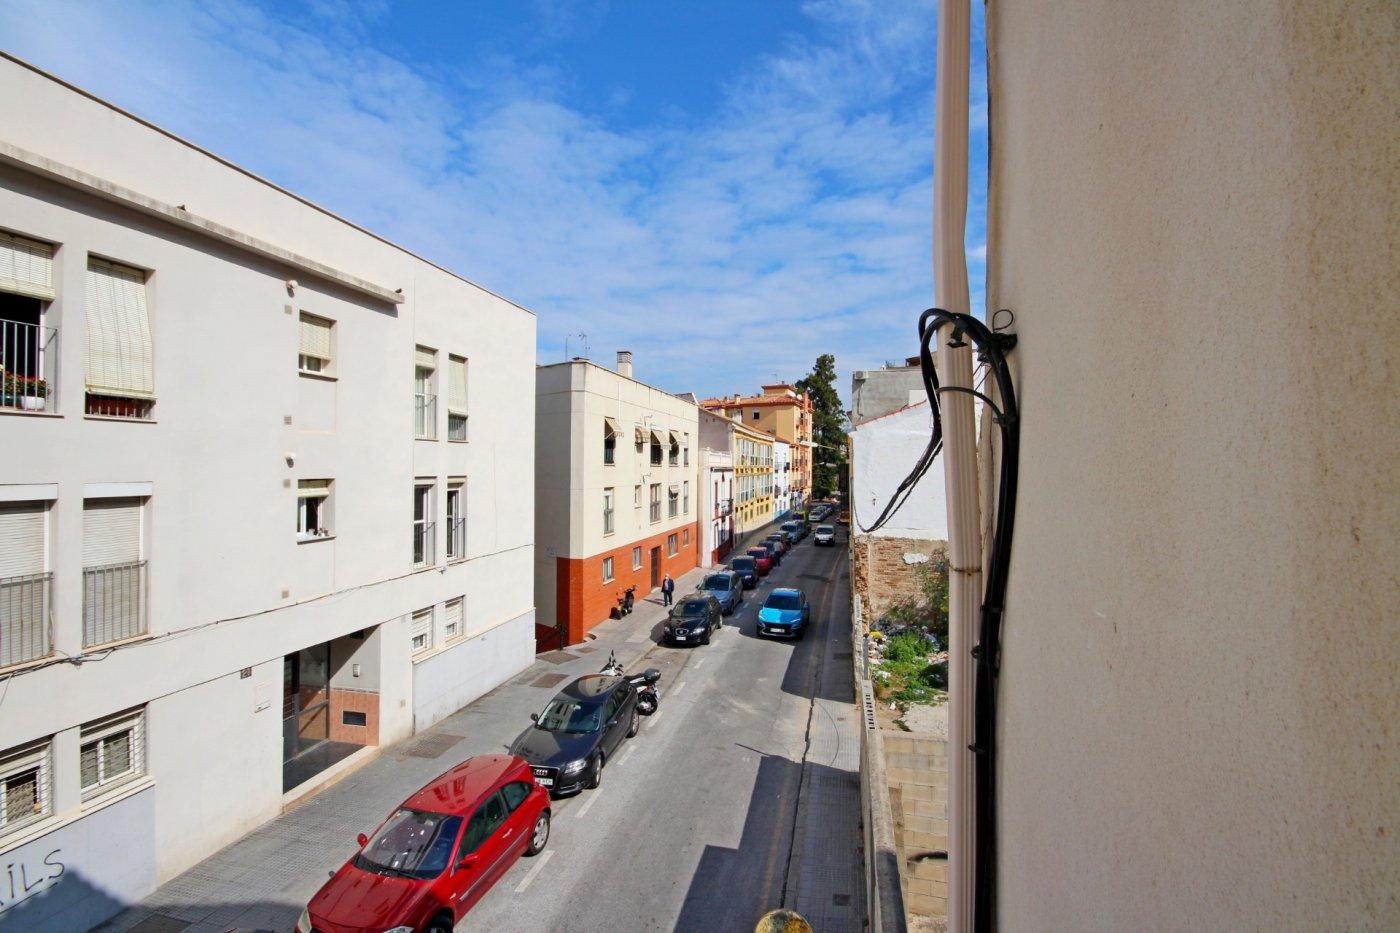 Piso dos dormitorios con garaje a un paso del centro histórico - imagenInmueble3